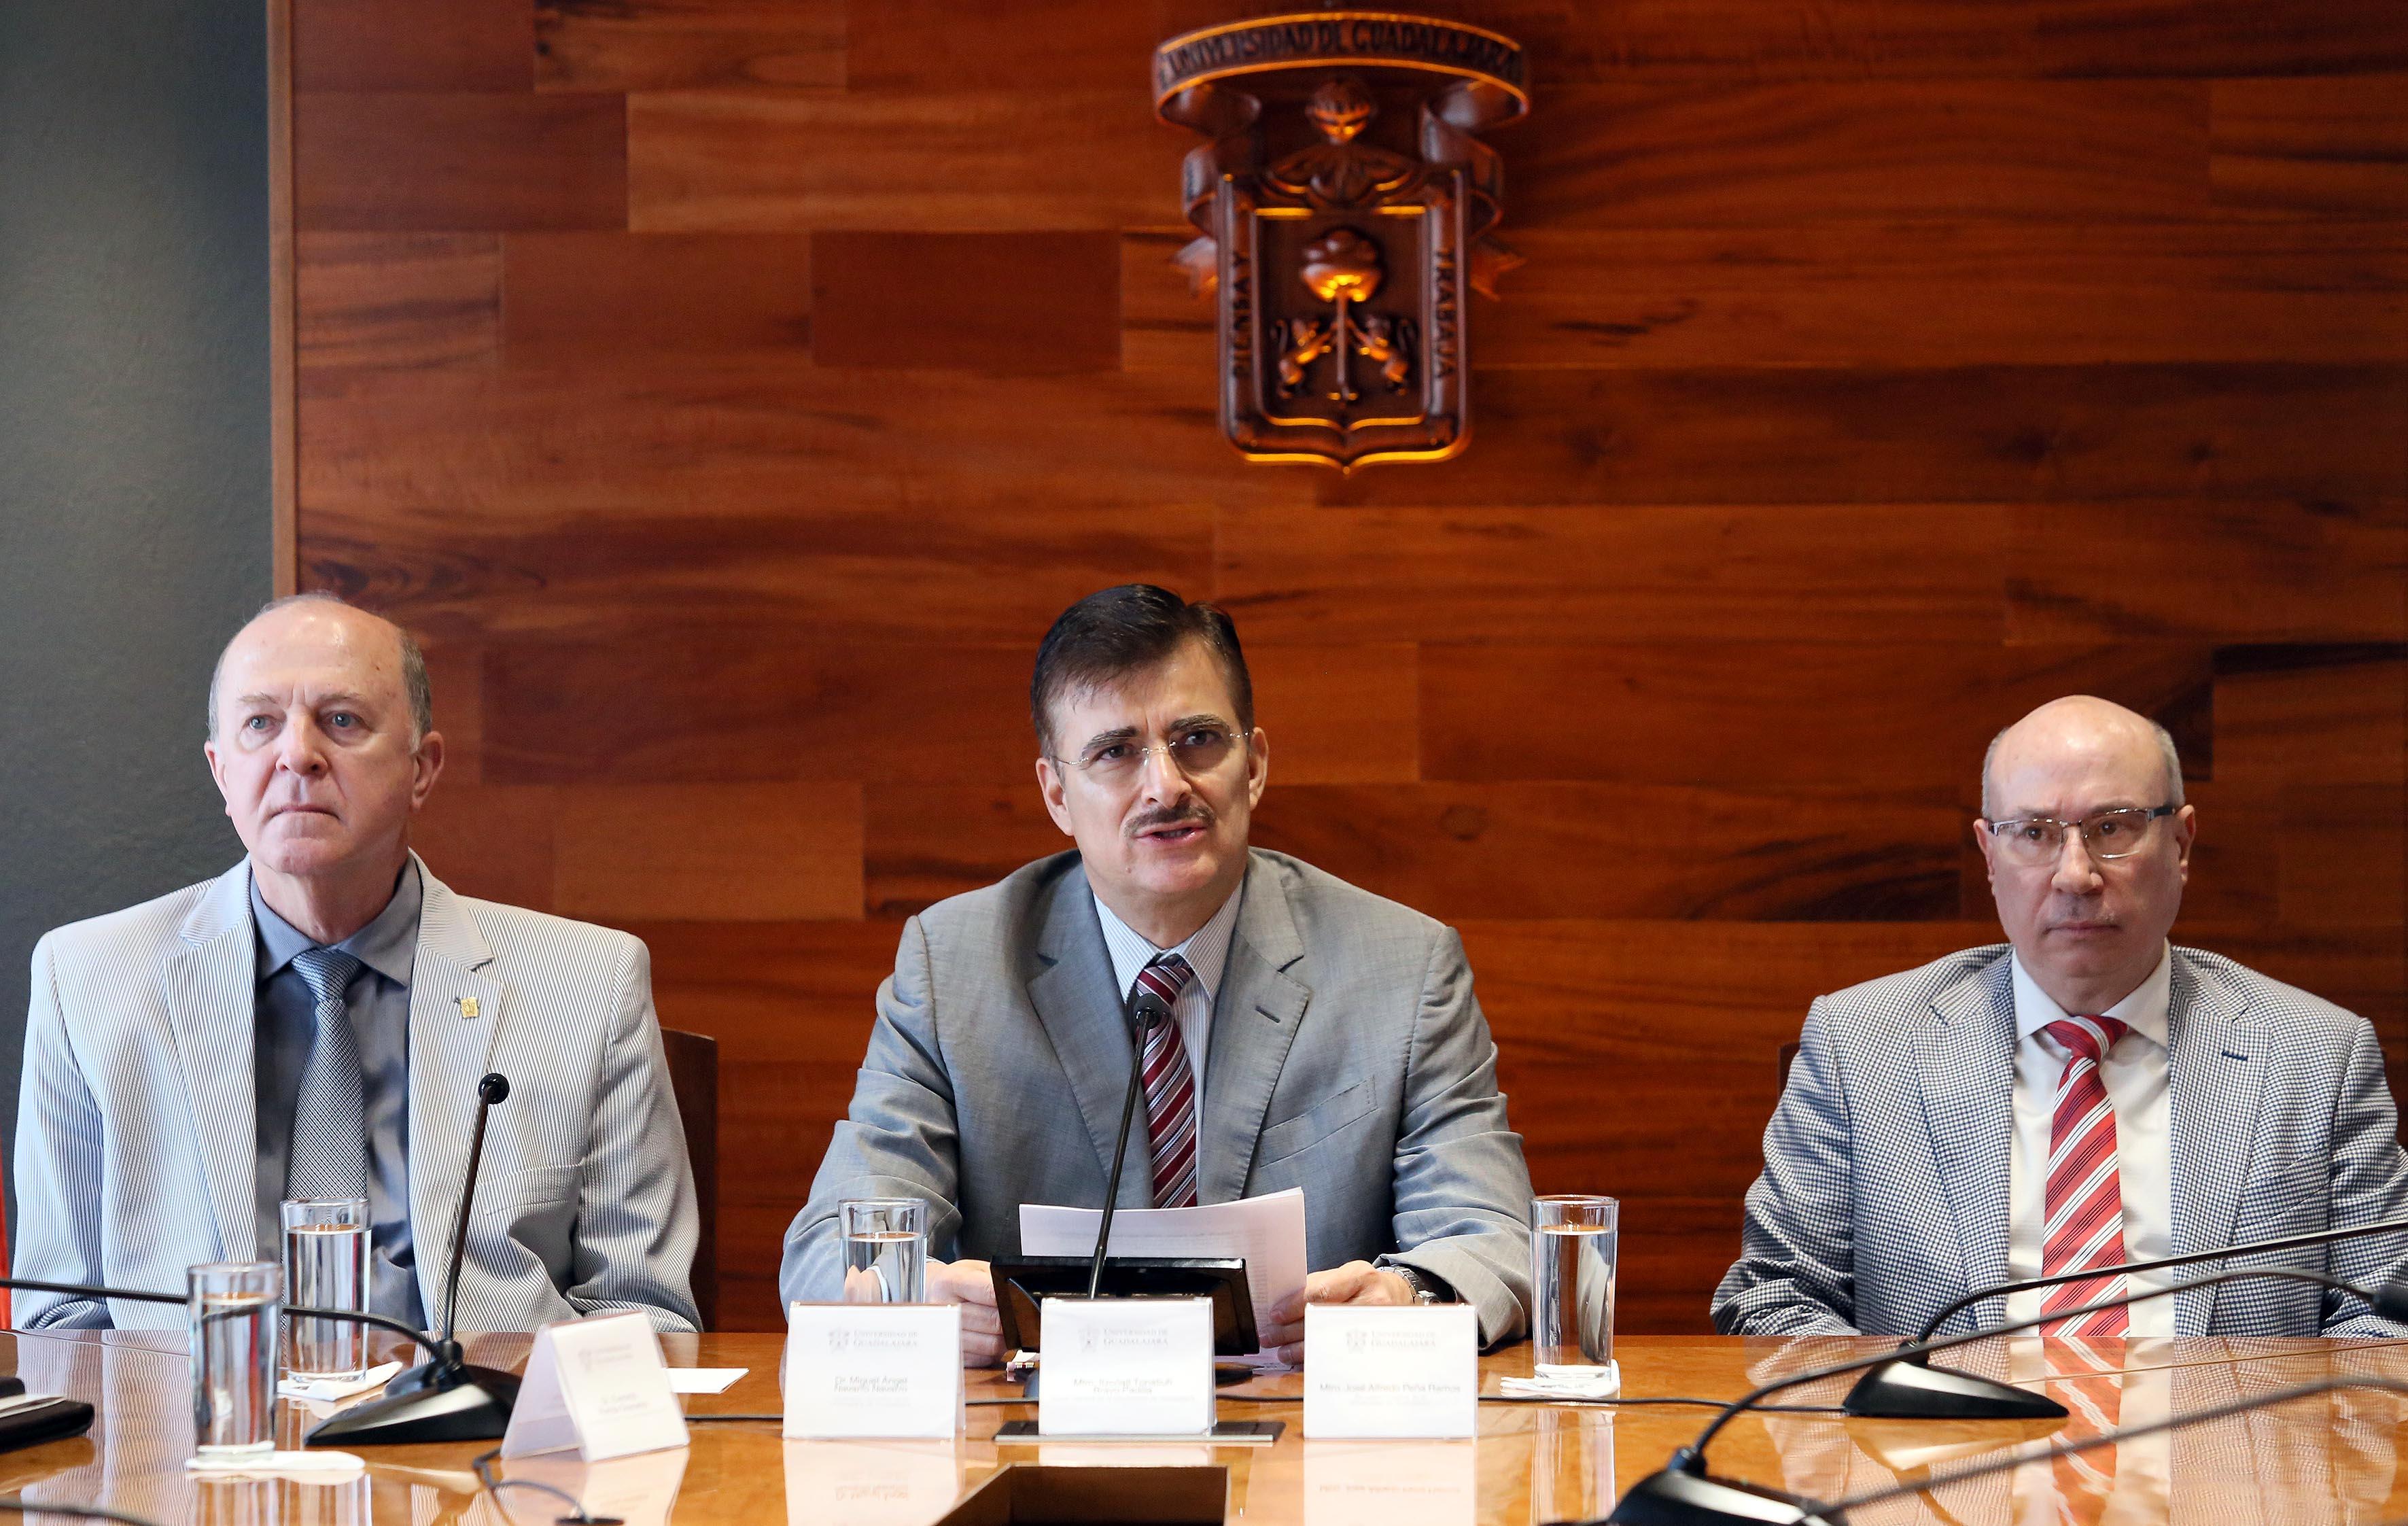 Rector General de la Universidad de Guadalajara, maestro Itzcóatl Tonatiuh Bravo Padilla en rueda de prensa